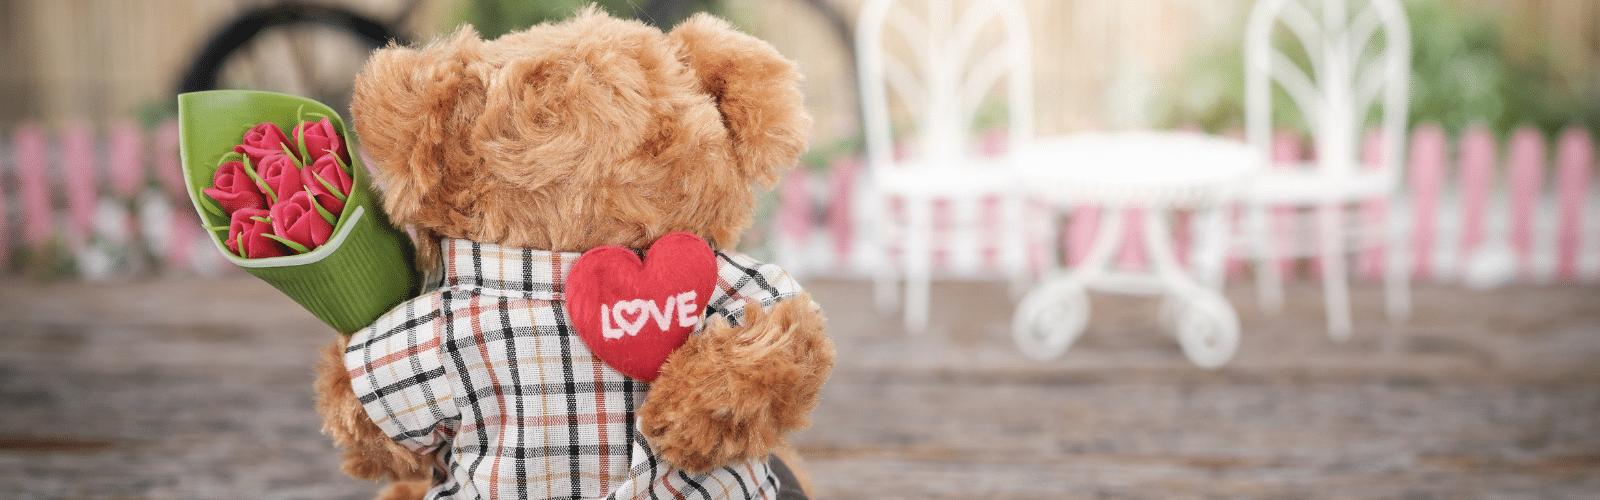 Saint Valentin : 8 idées d'activités pour célébrer l'amour avec les enfants !